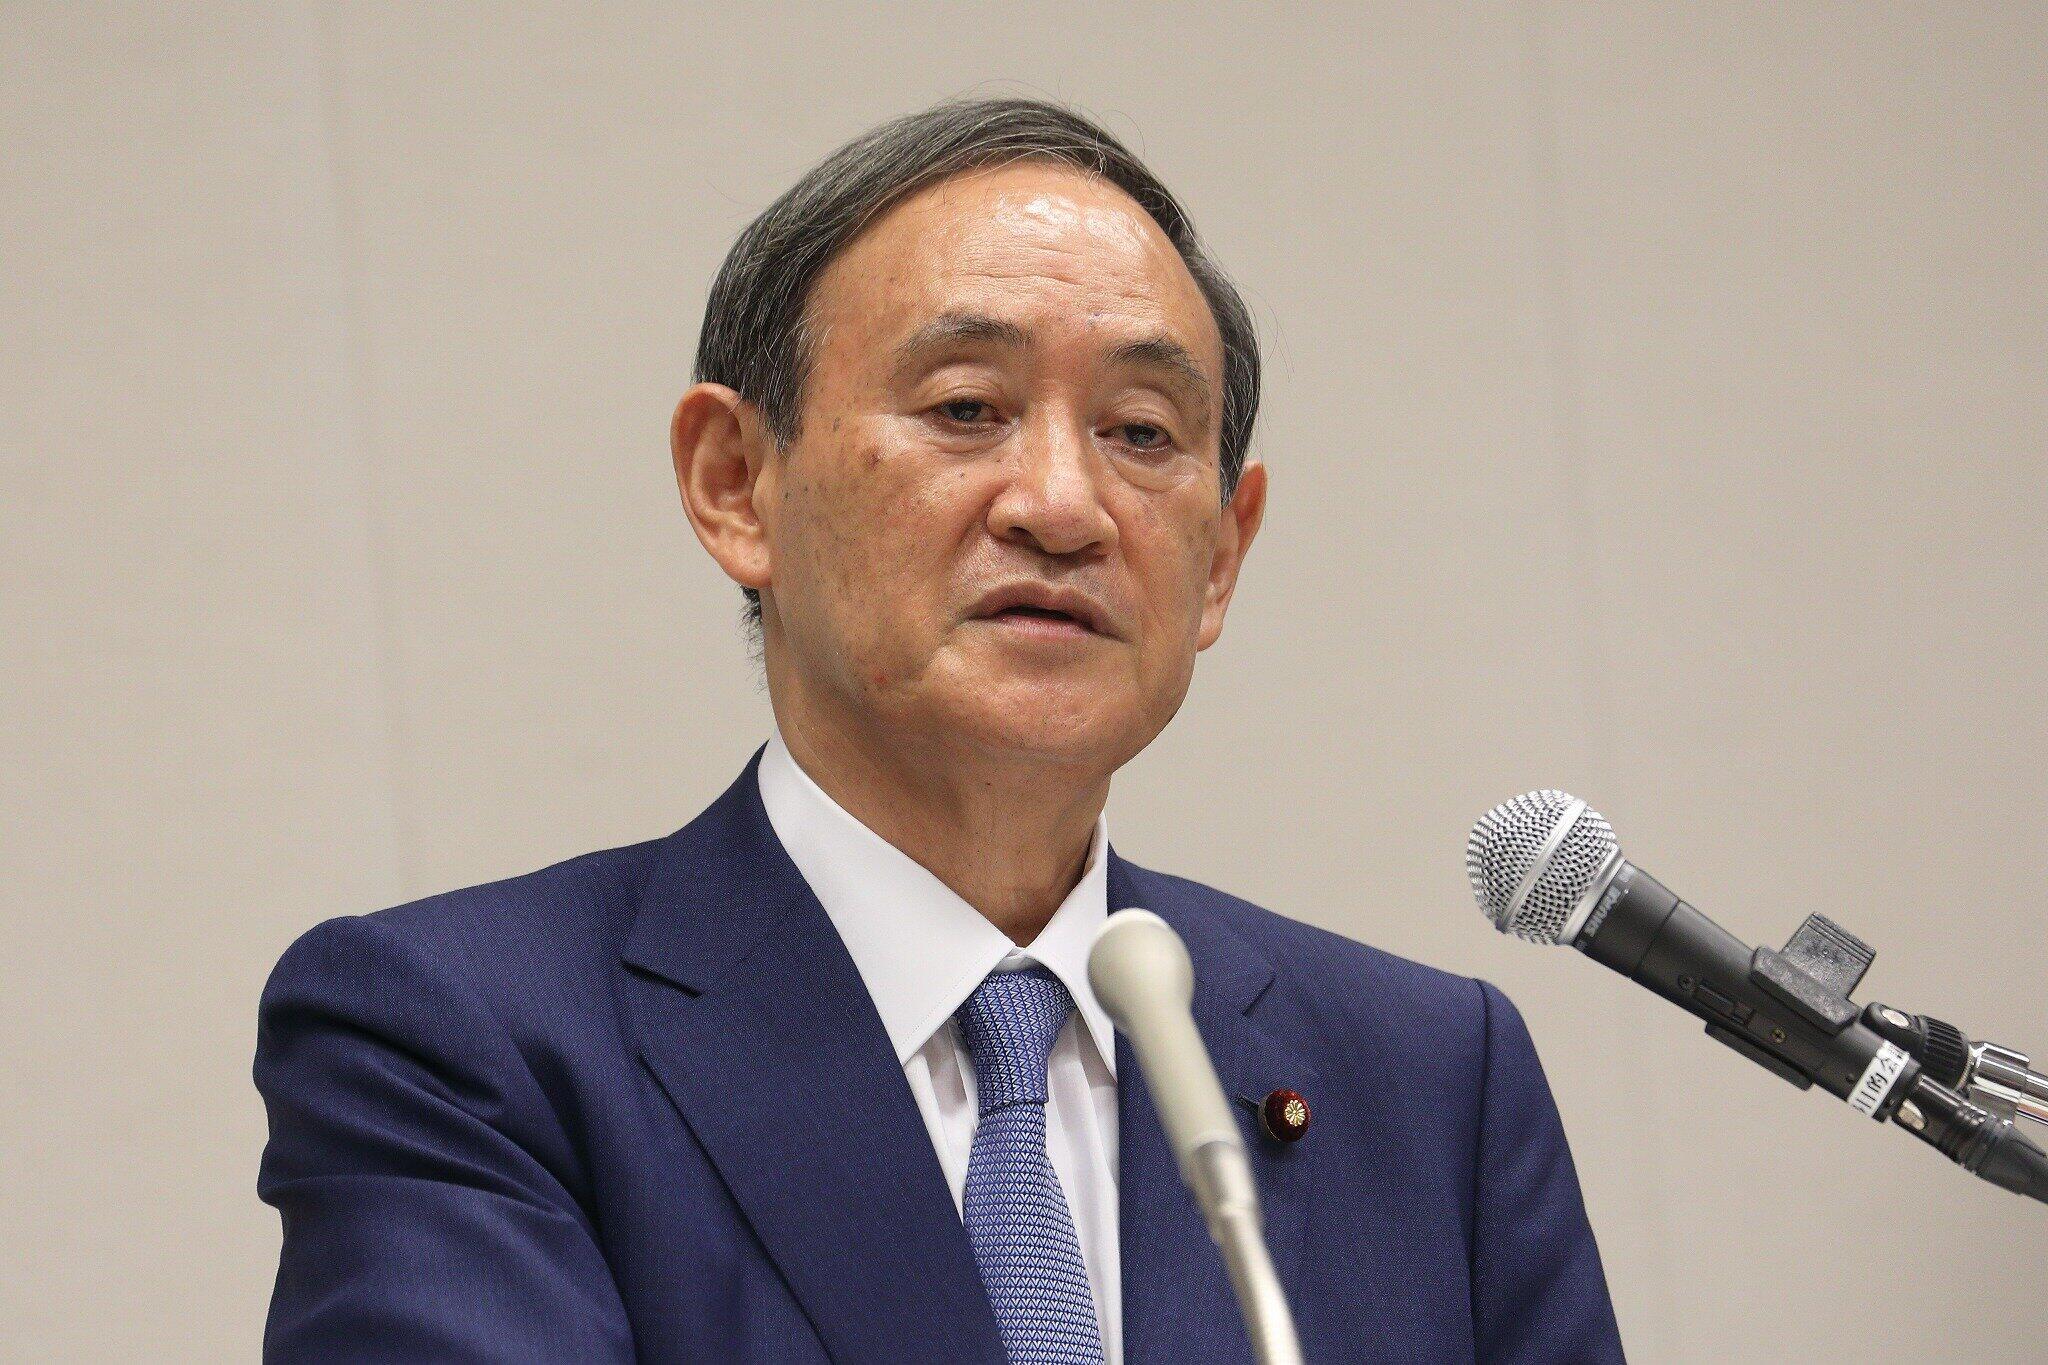 「安倍政権を継承する」と宣言した菅義偉官房長官(2020年9月2日)